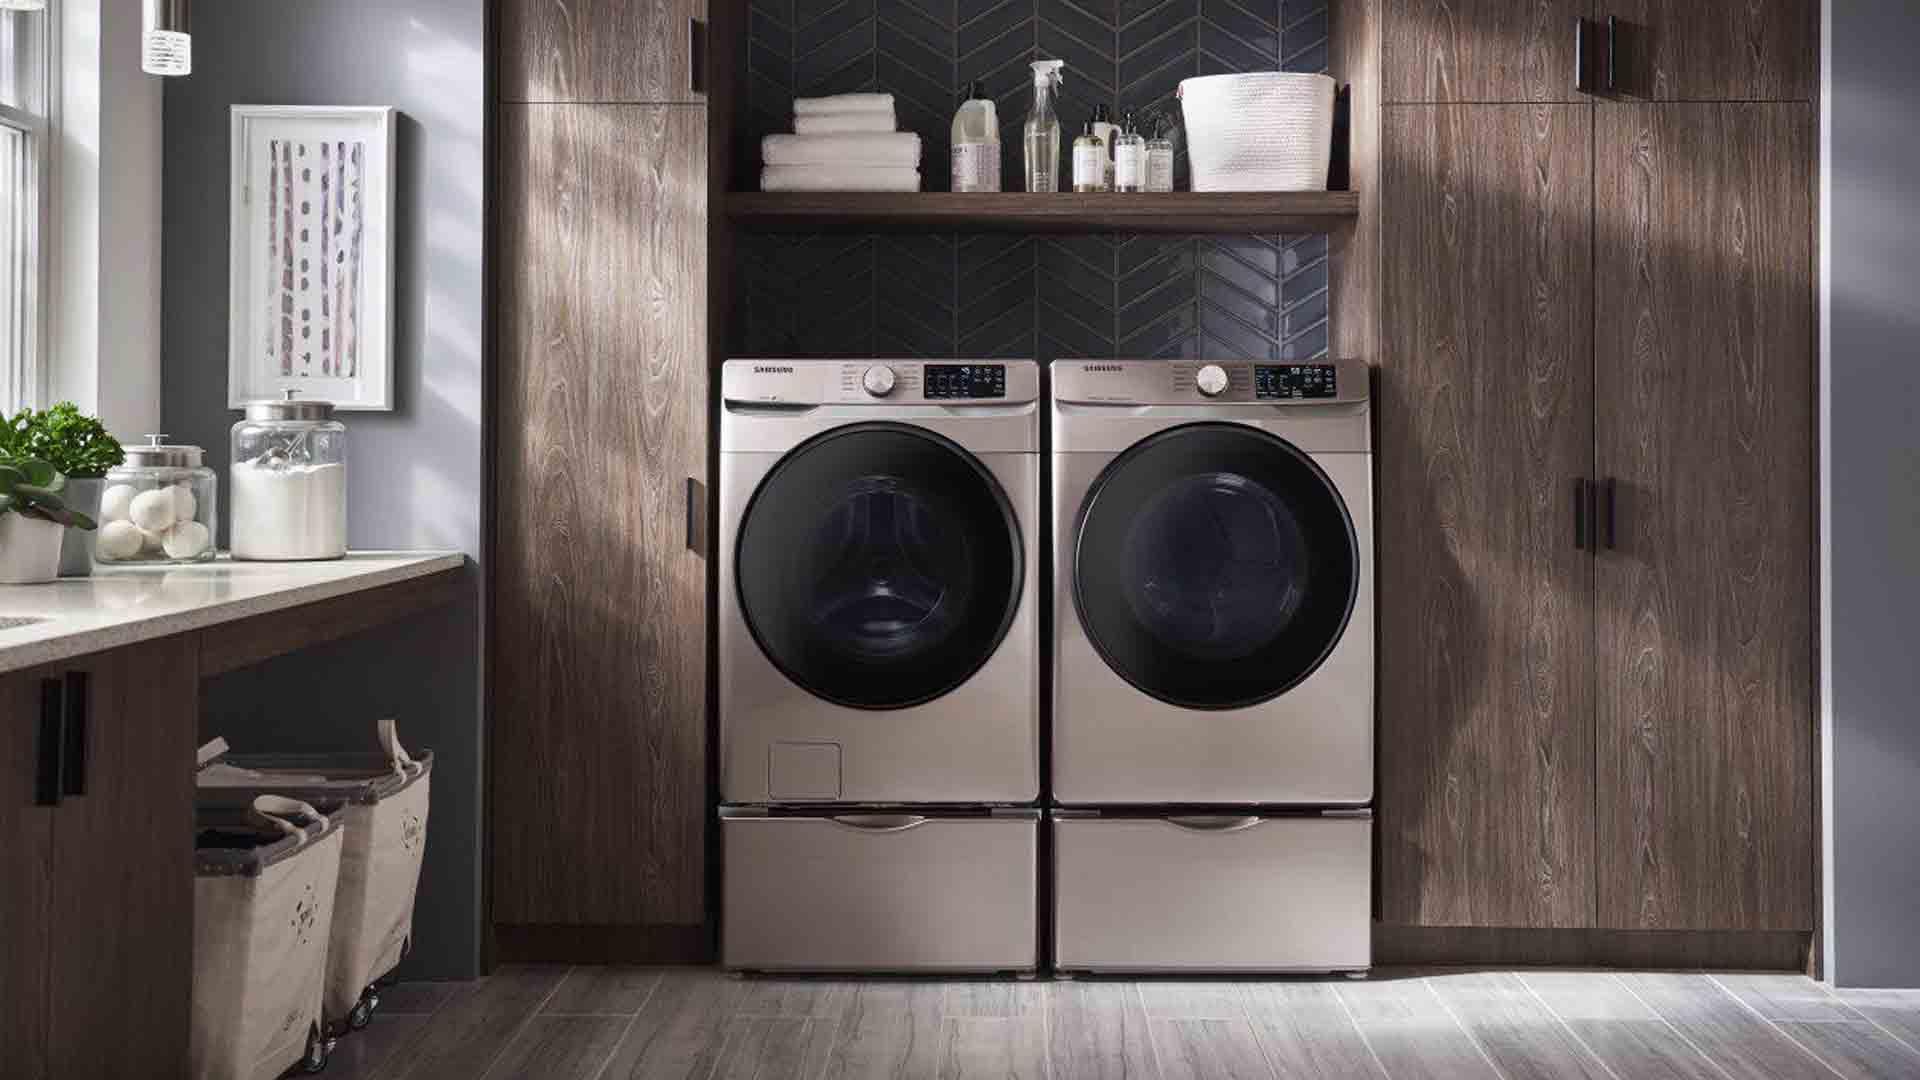 Samsung Laundry Appliances Repair | Samsung Appliance Repair